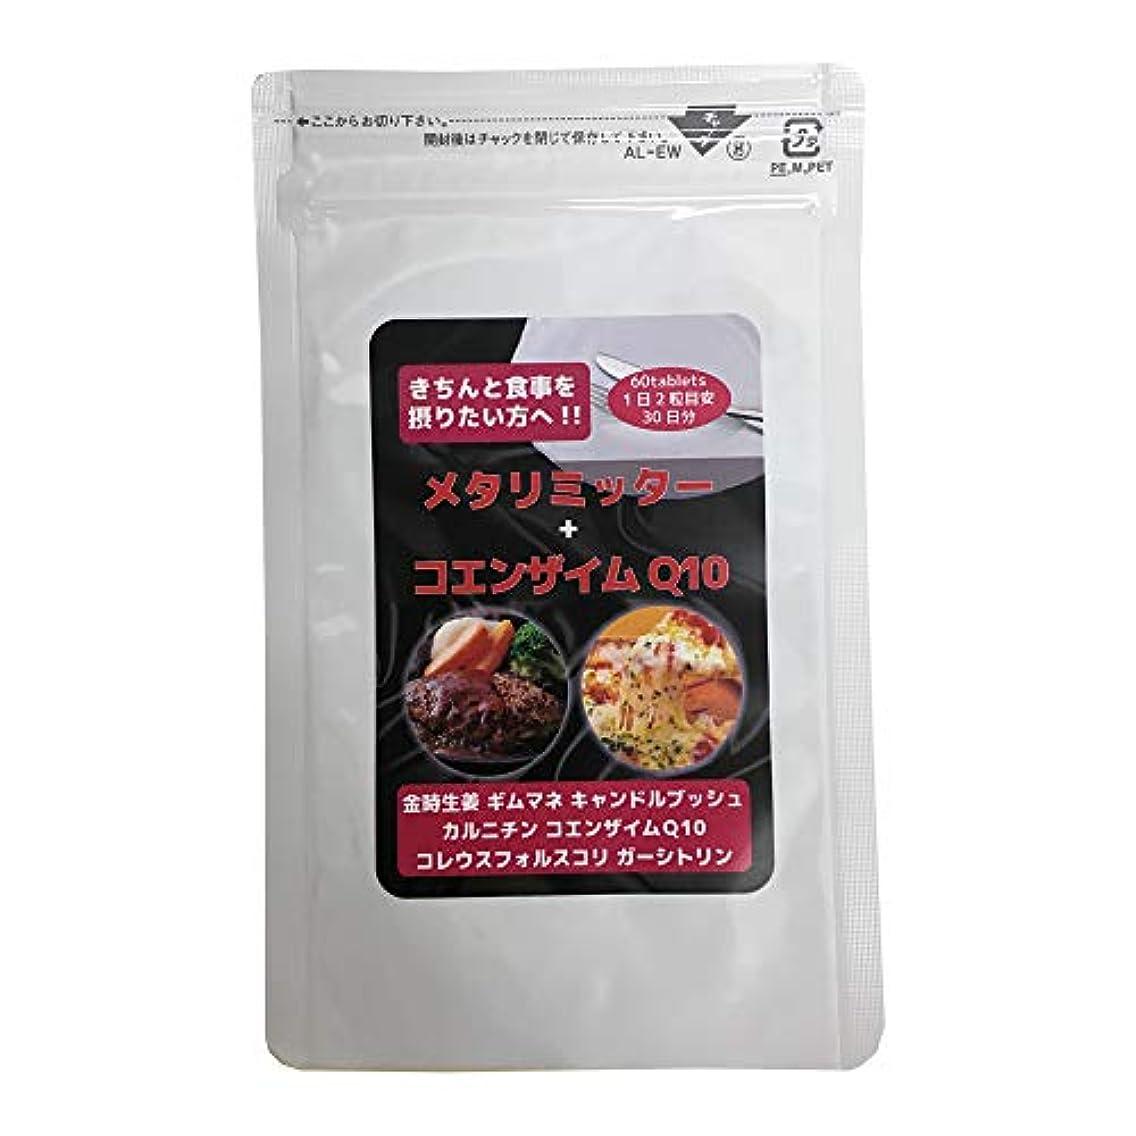 参照する協力する東方メタリミッター + コエンザイムQ10 キャンドルブッシュ 配合 ダイエット サプリ 30日分/60粒